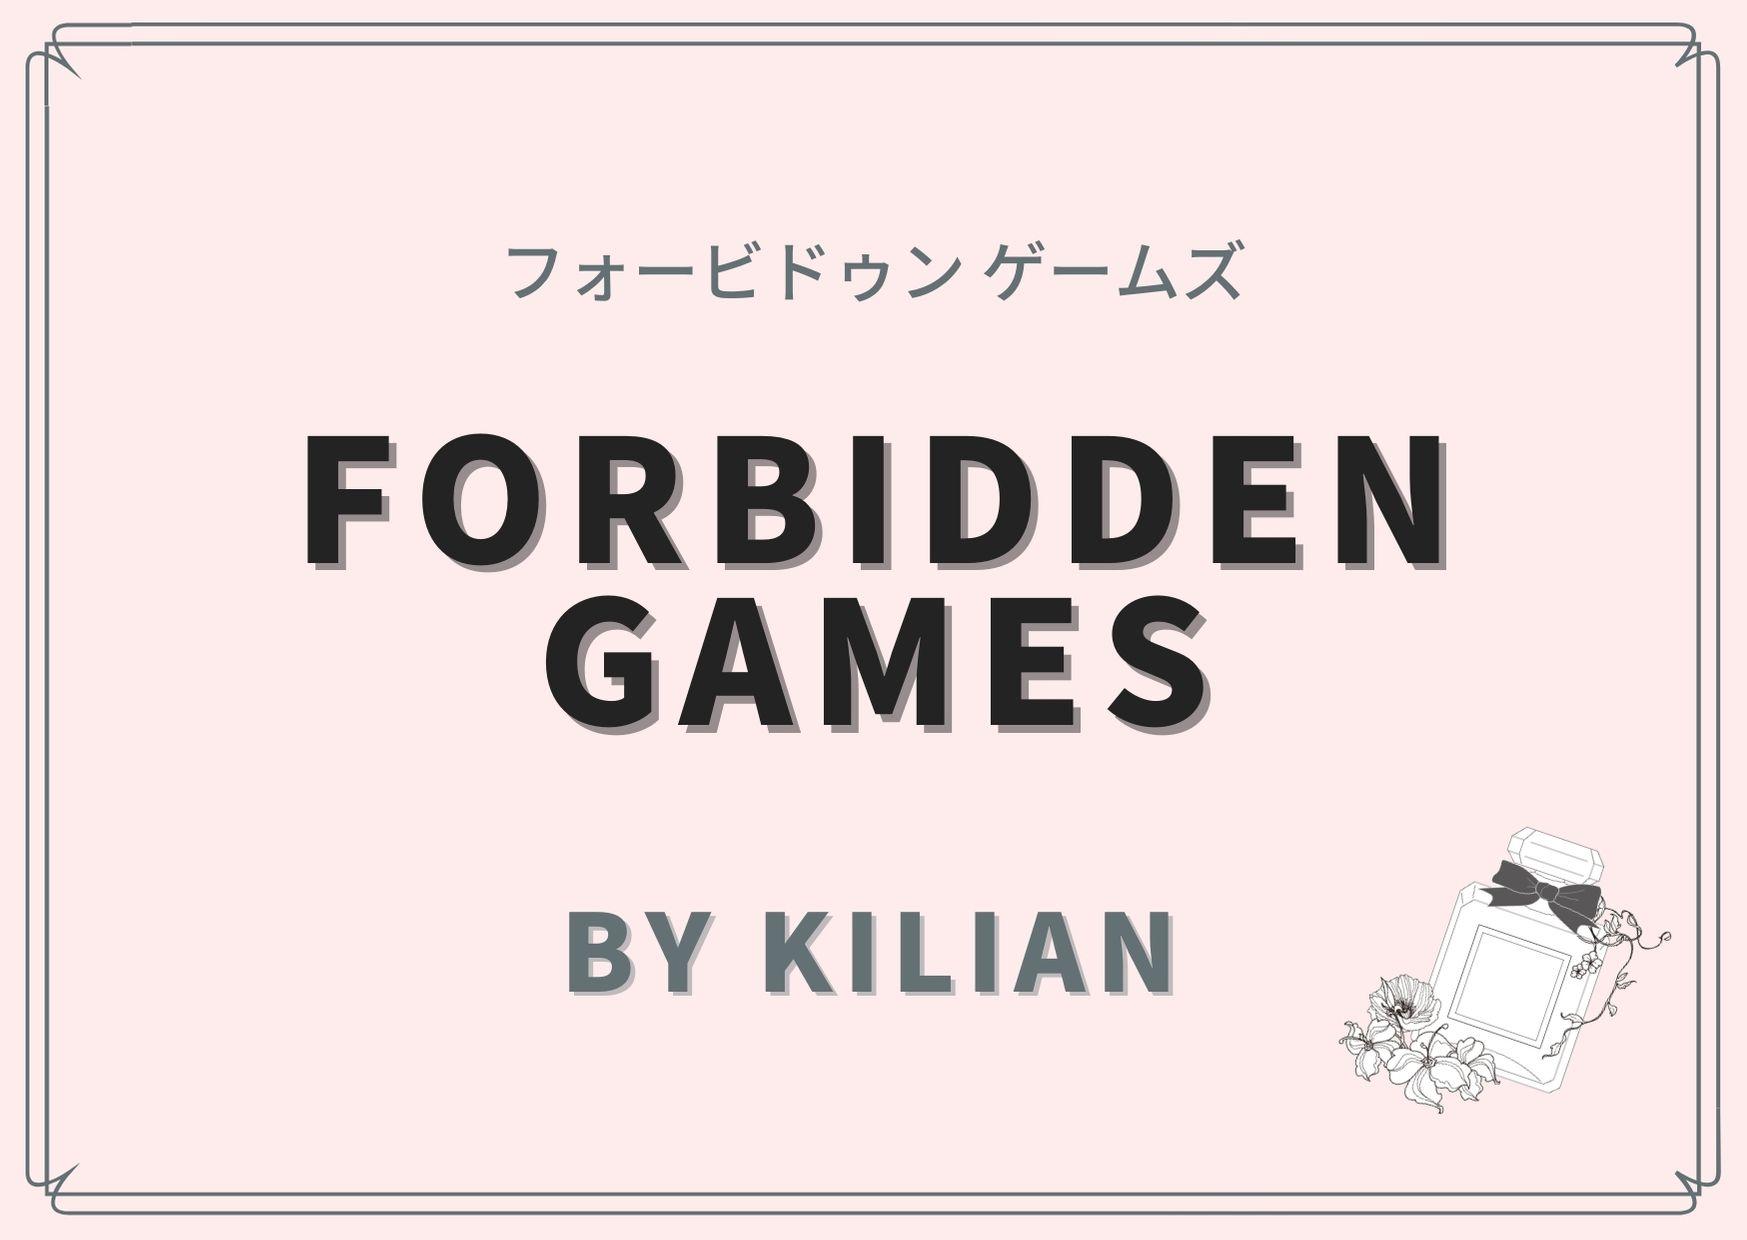 Forbidden Games(フォービドゥン ゲームズ)/ By Kilian(バイ キリアン)